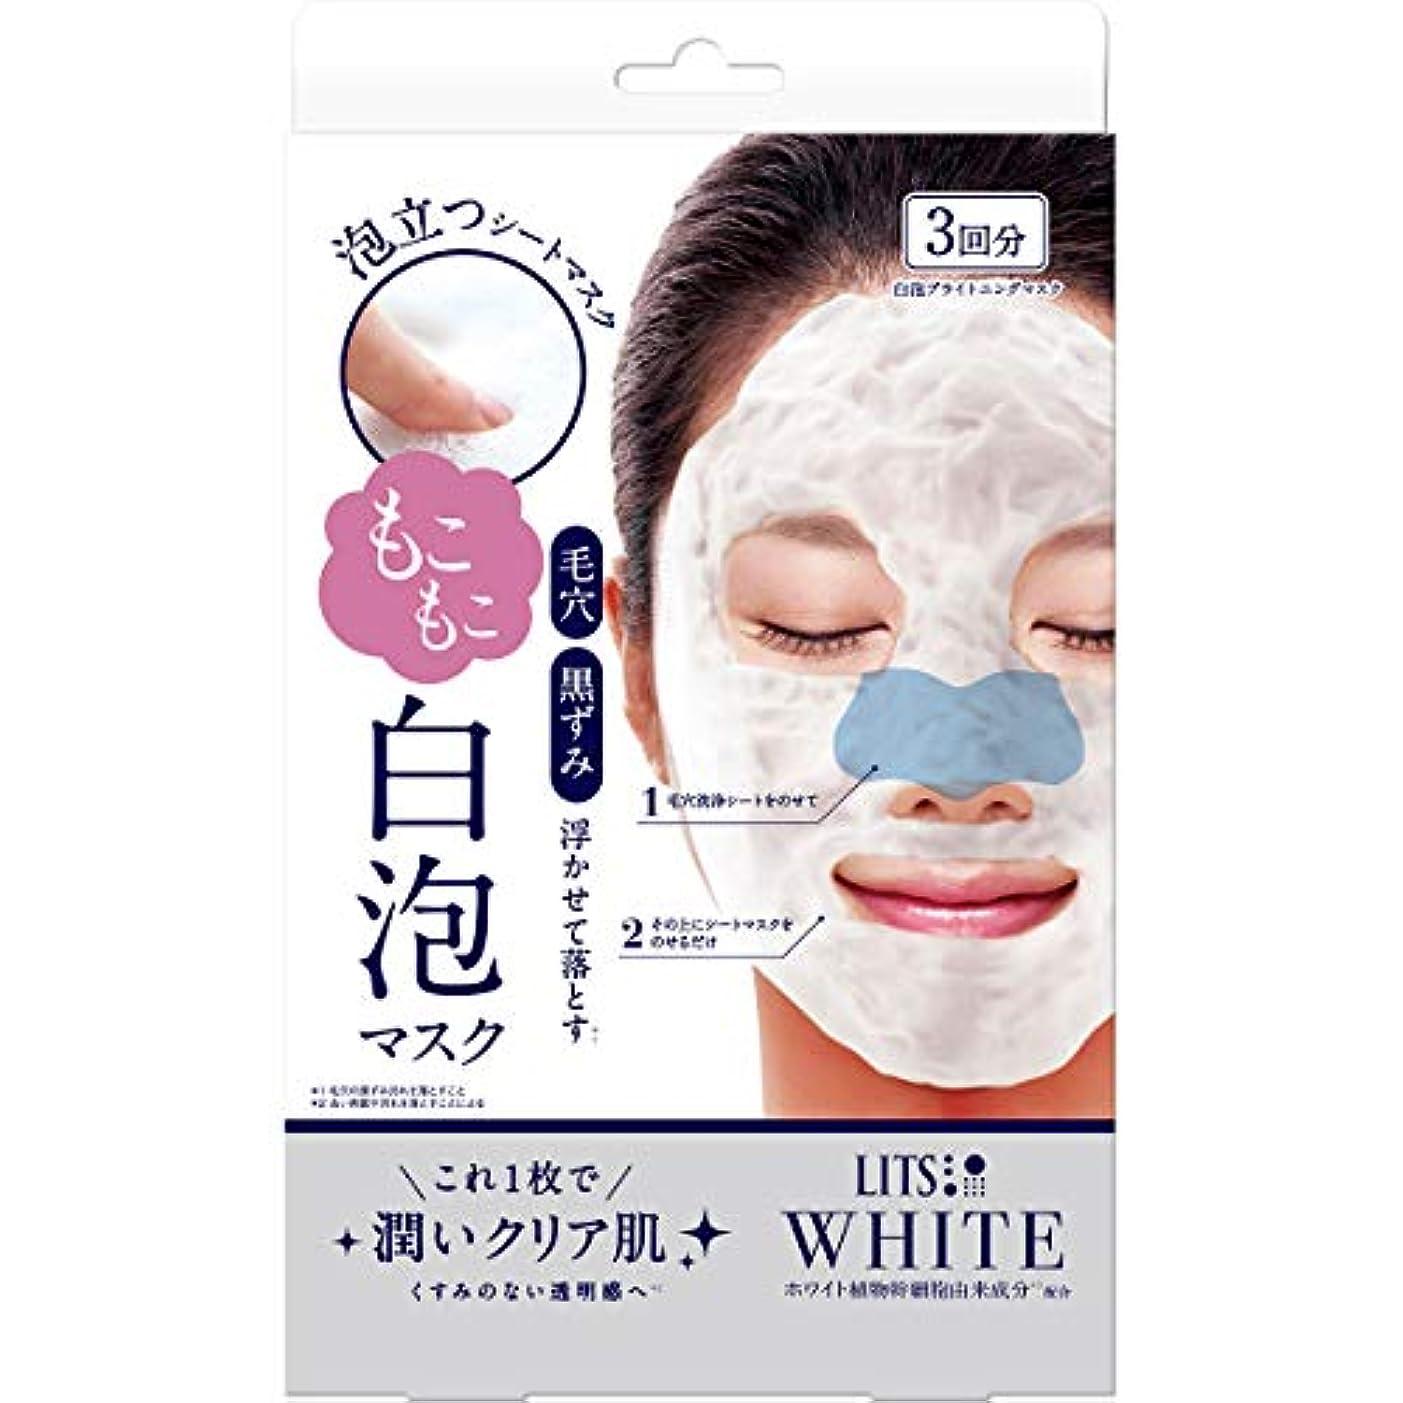 くそーインストールつかまえるリッツ ホワイト もこもこ白泡マスク 3枚